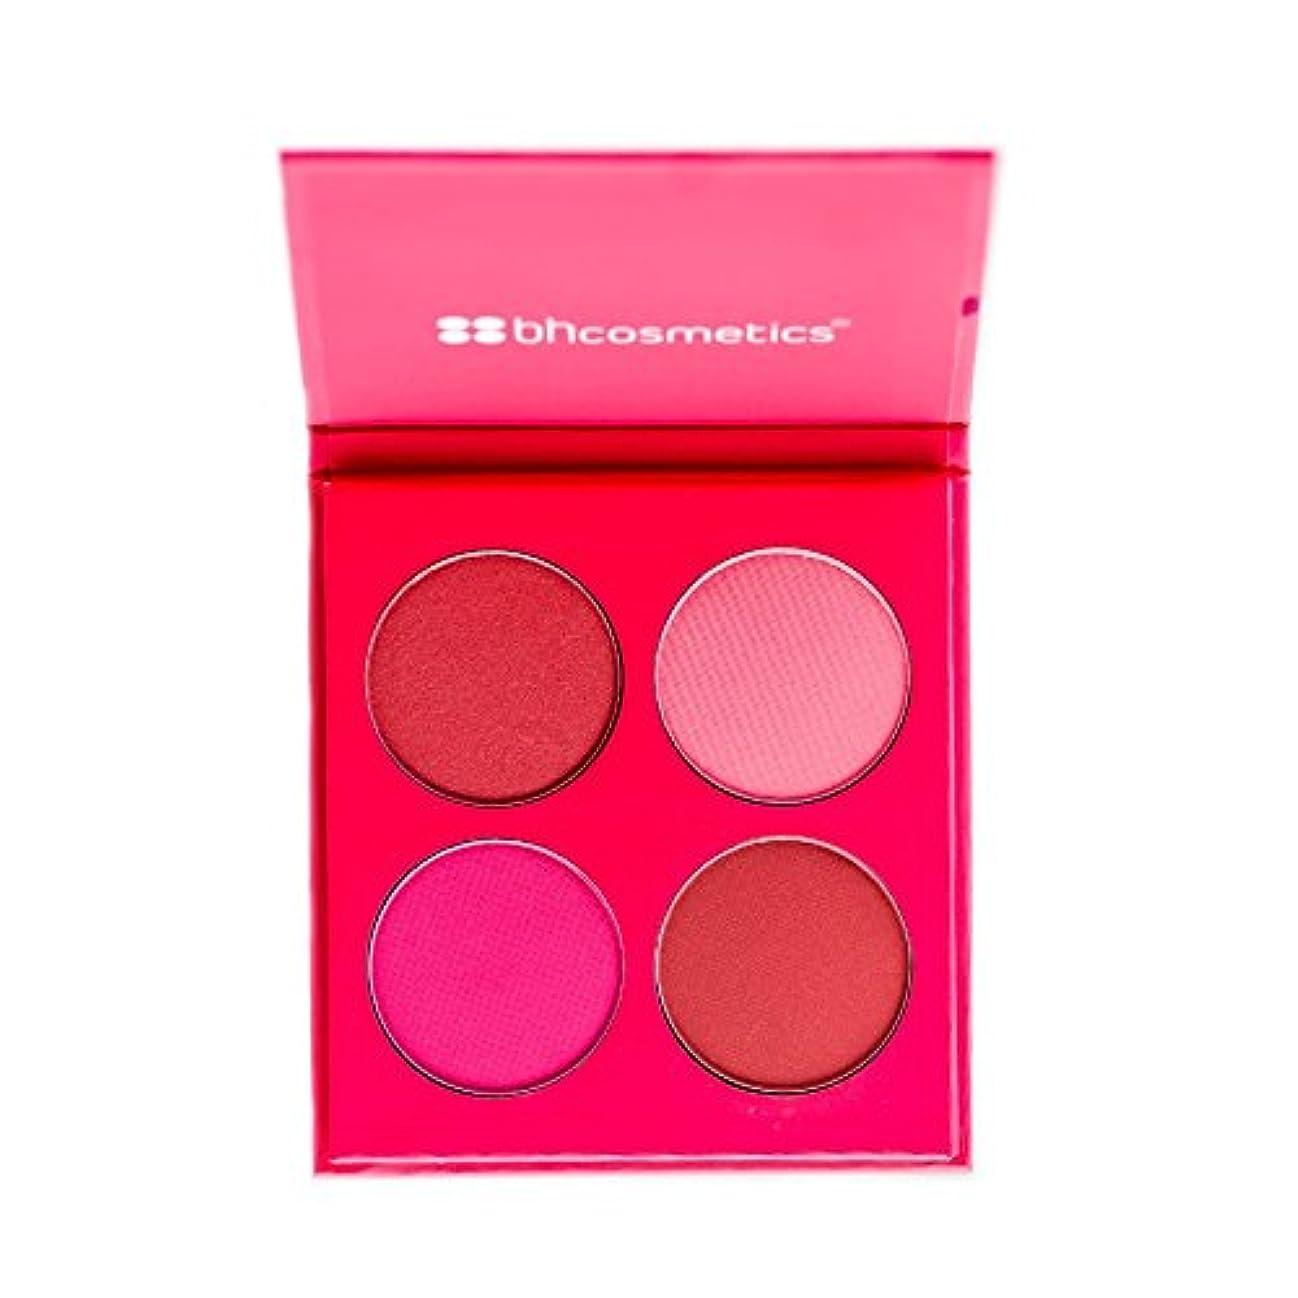 記念碑的な十分な手足BHCosmetics BH化粧品パーフェク4色チークパレット ピンク